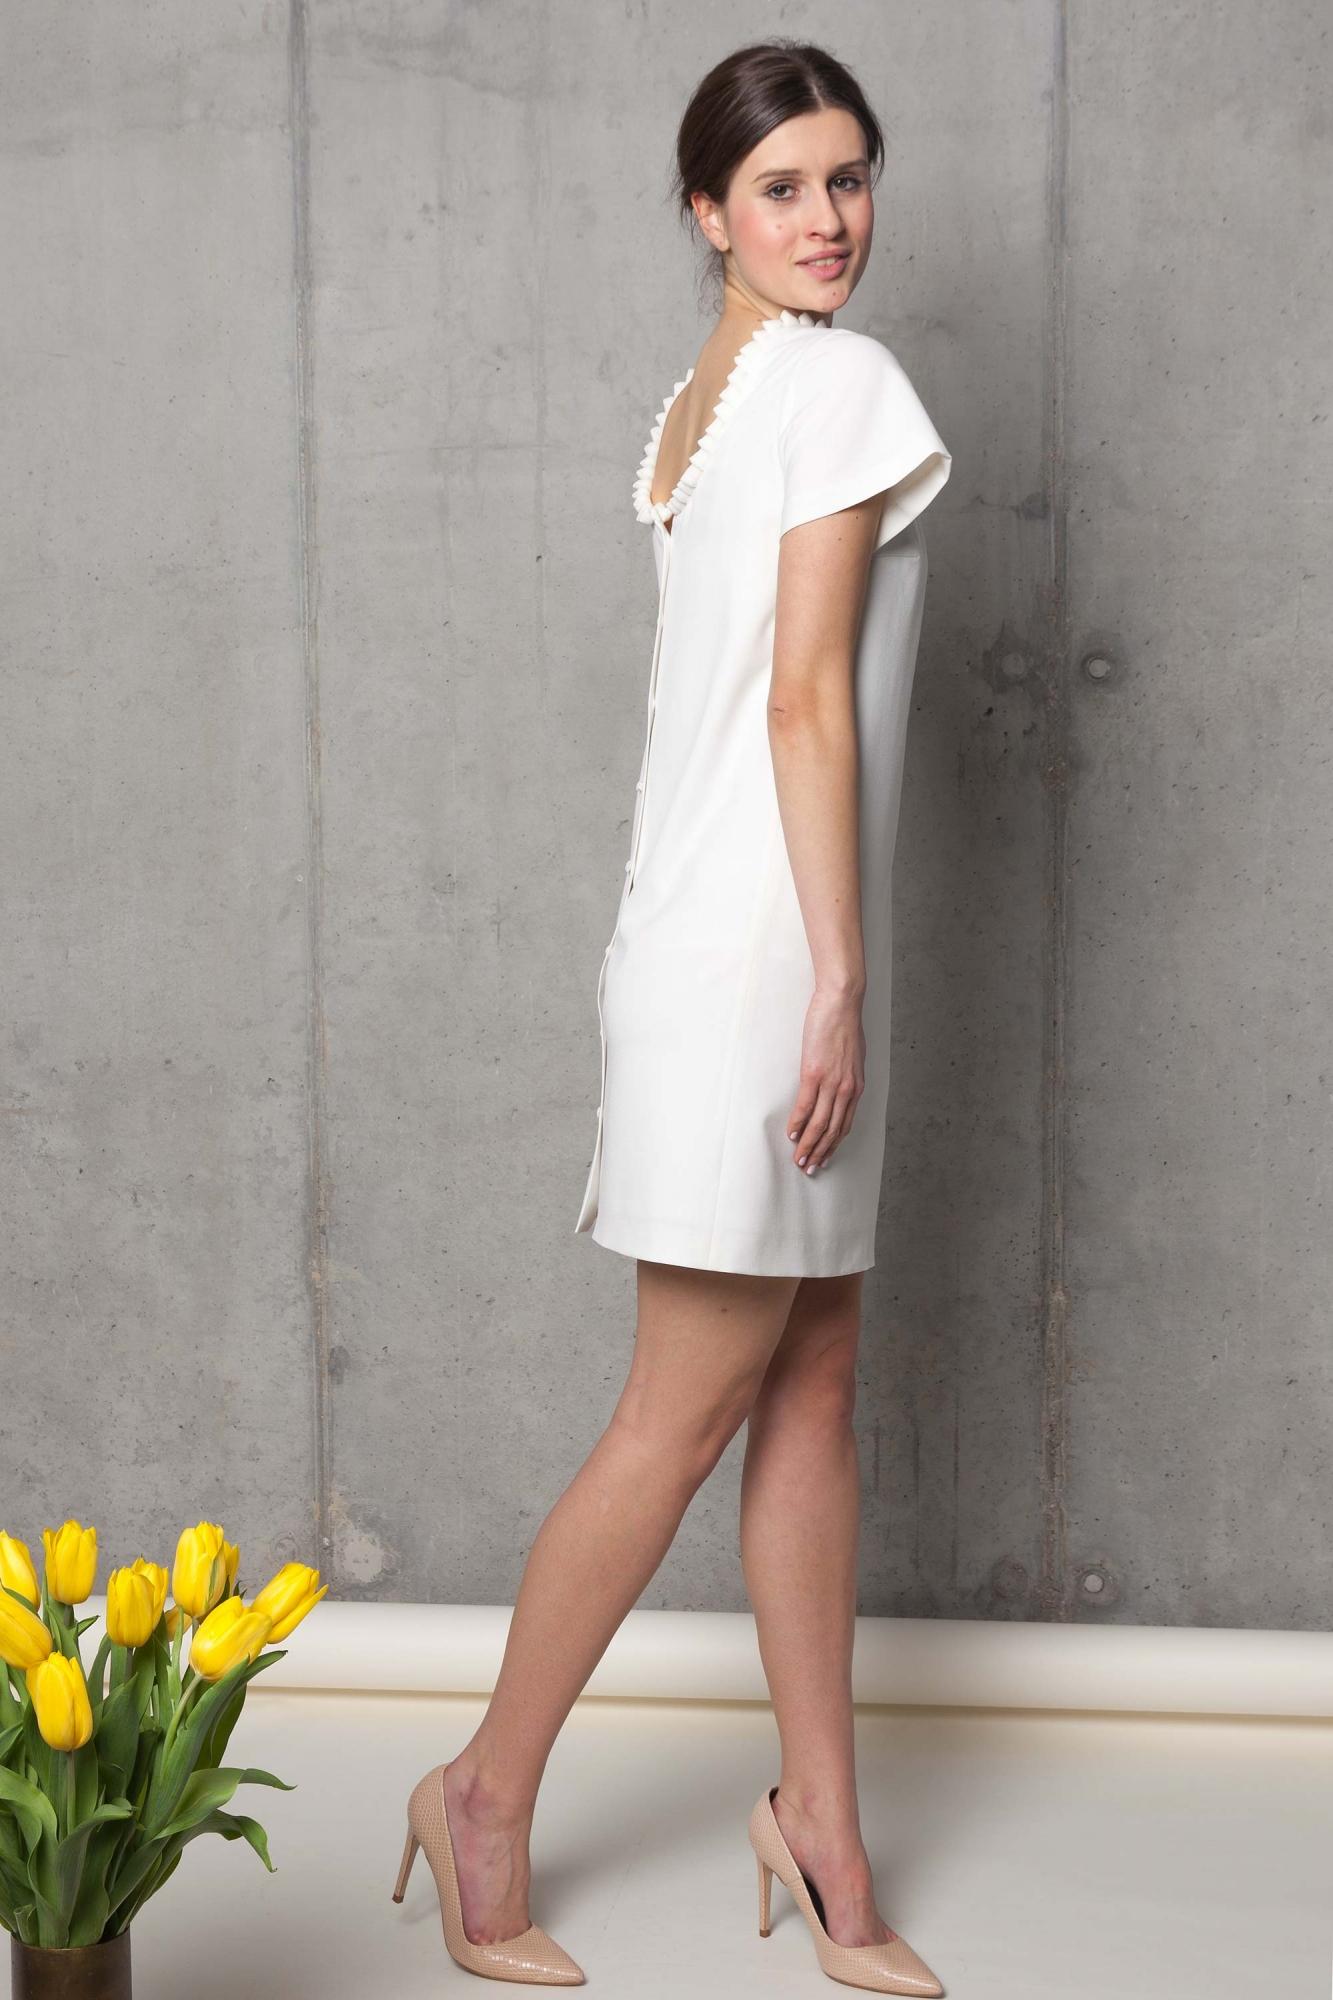 Prosta biała sukienka na ślub z dekoltem na plecach. Beata